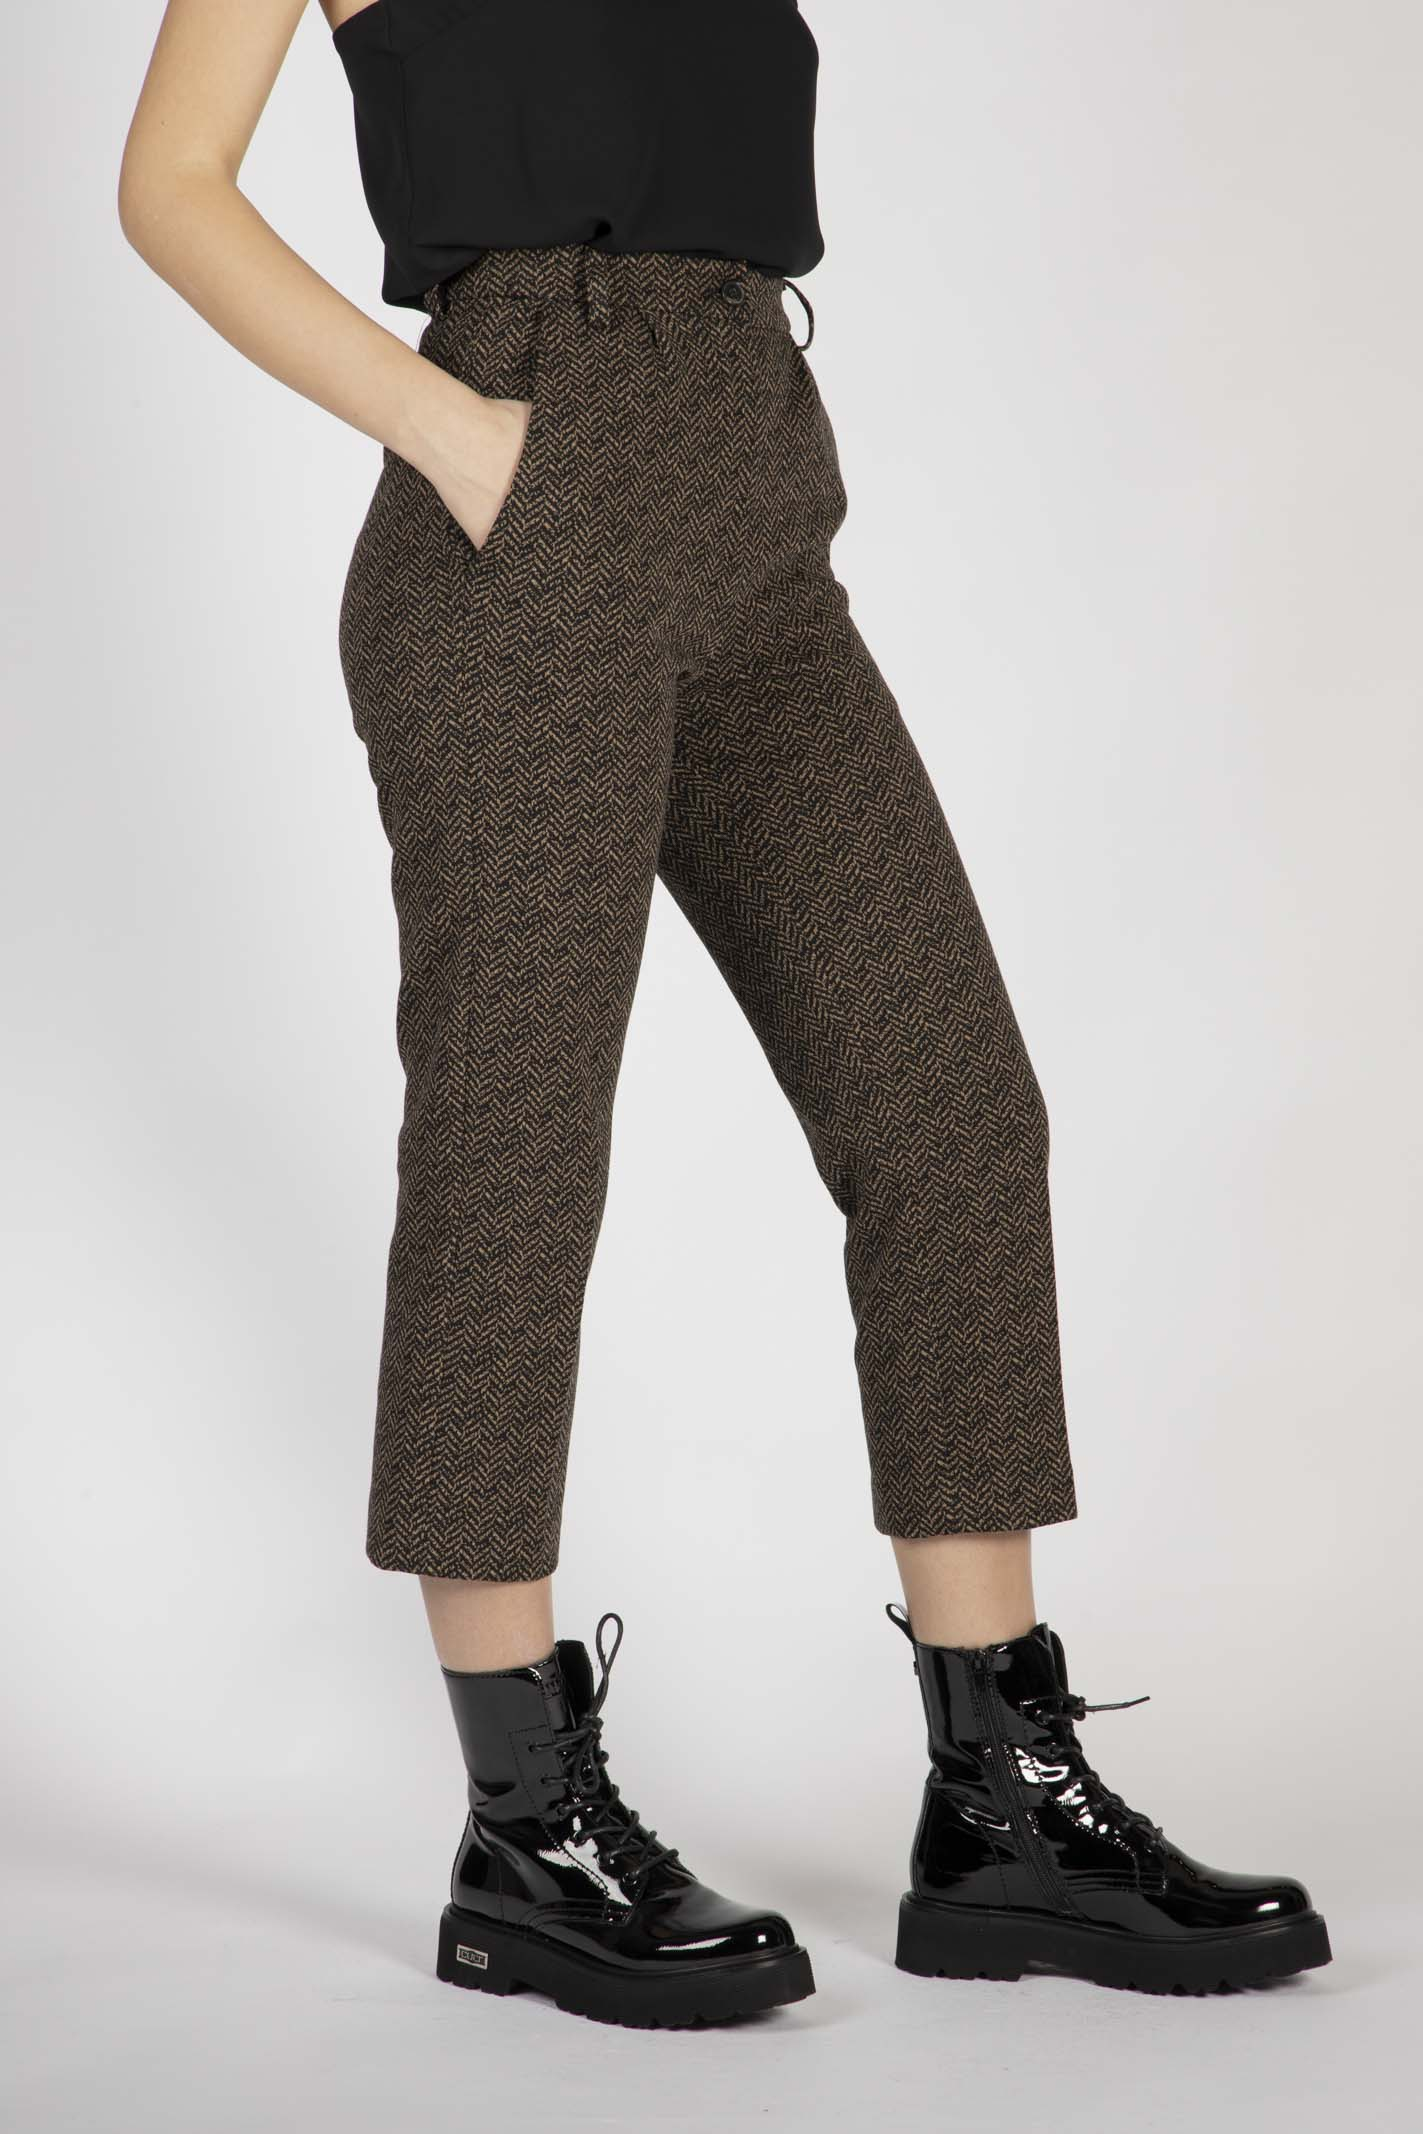 Pantaloni Stampa Spigato Nero E Marrone VICOLO | Pantaloni | TW1376CAMMELLO/NERO